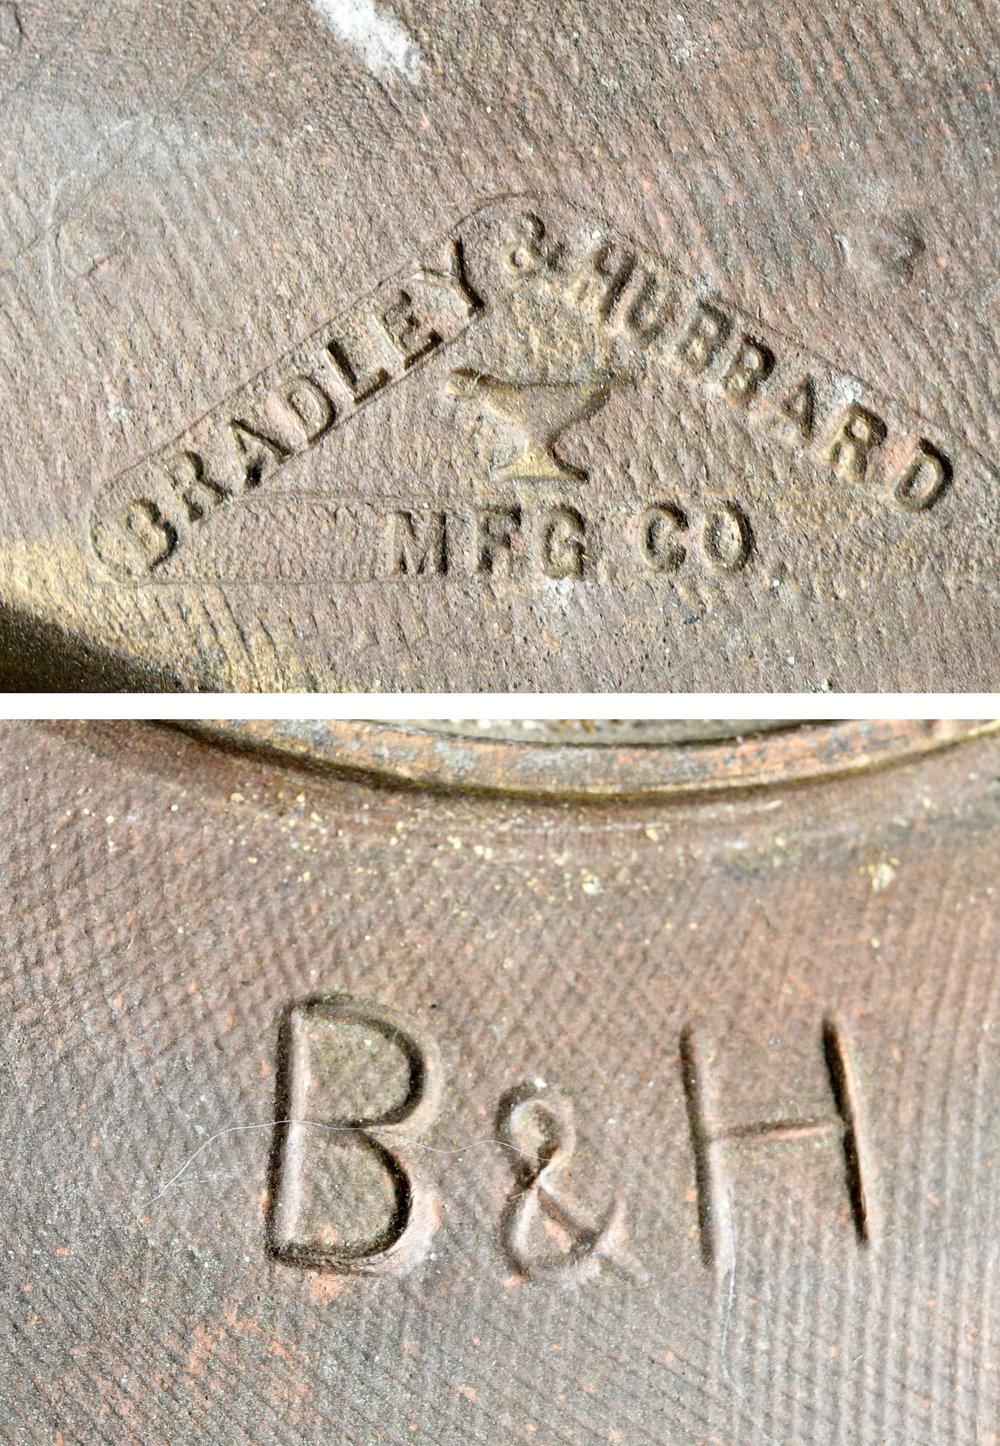 47902-bradley-hubbard-4-flush-makers-mark.jpg